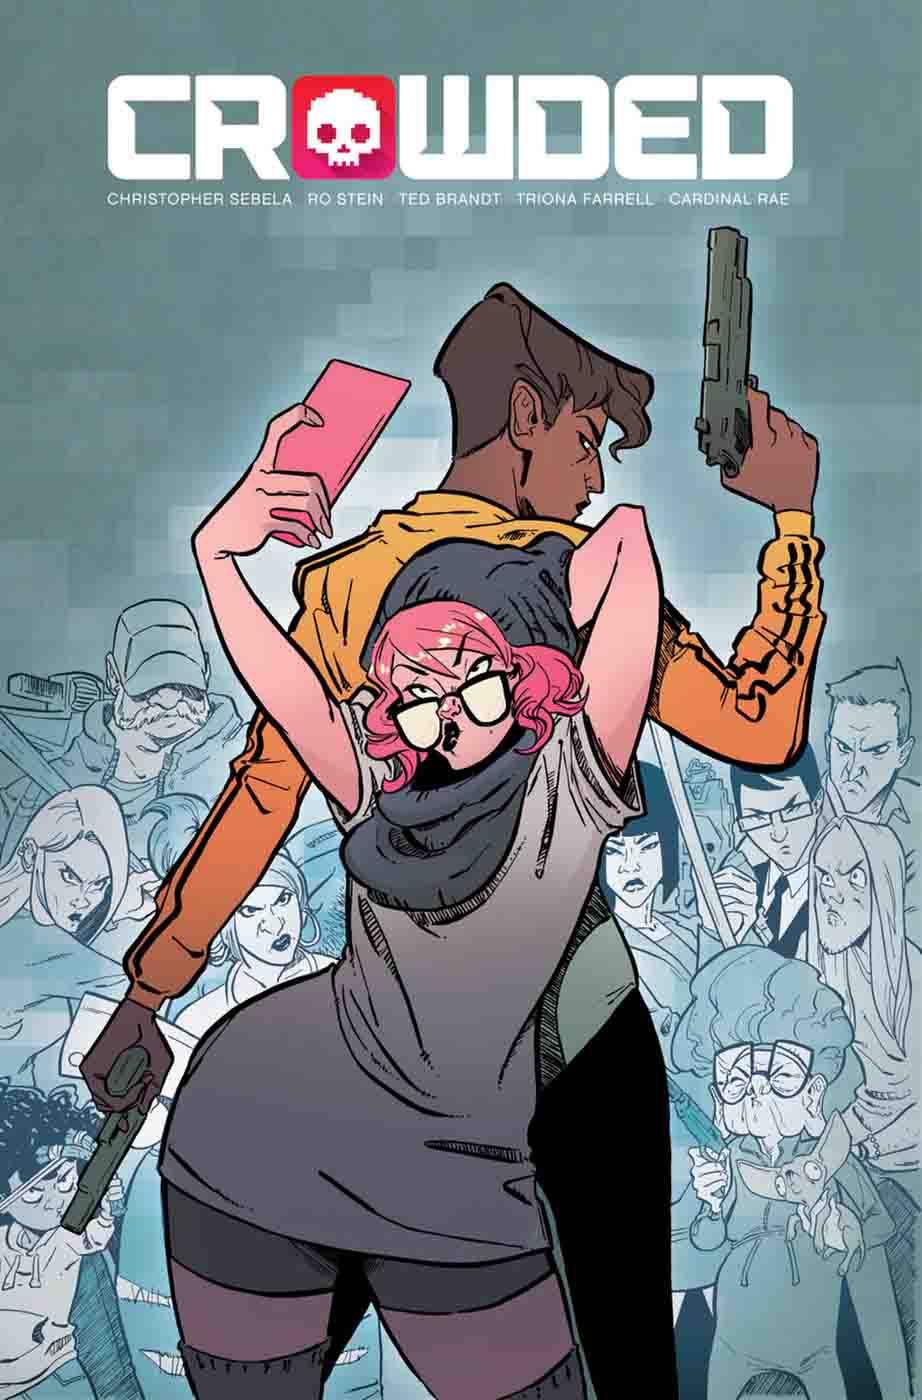 Ребел Вілсон екранізує комікс «Crowded»